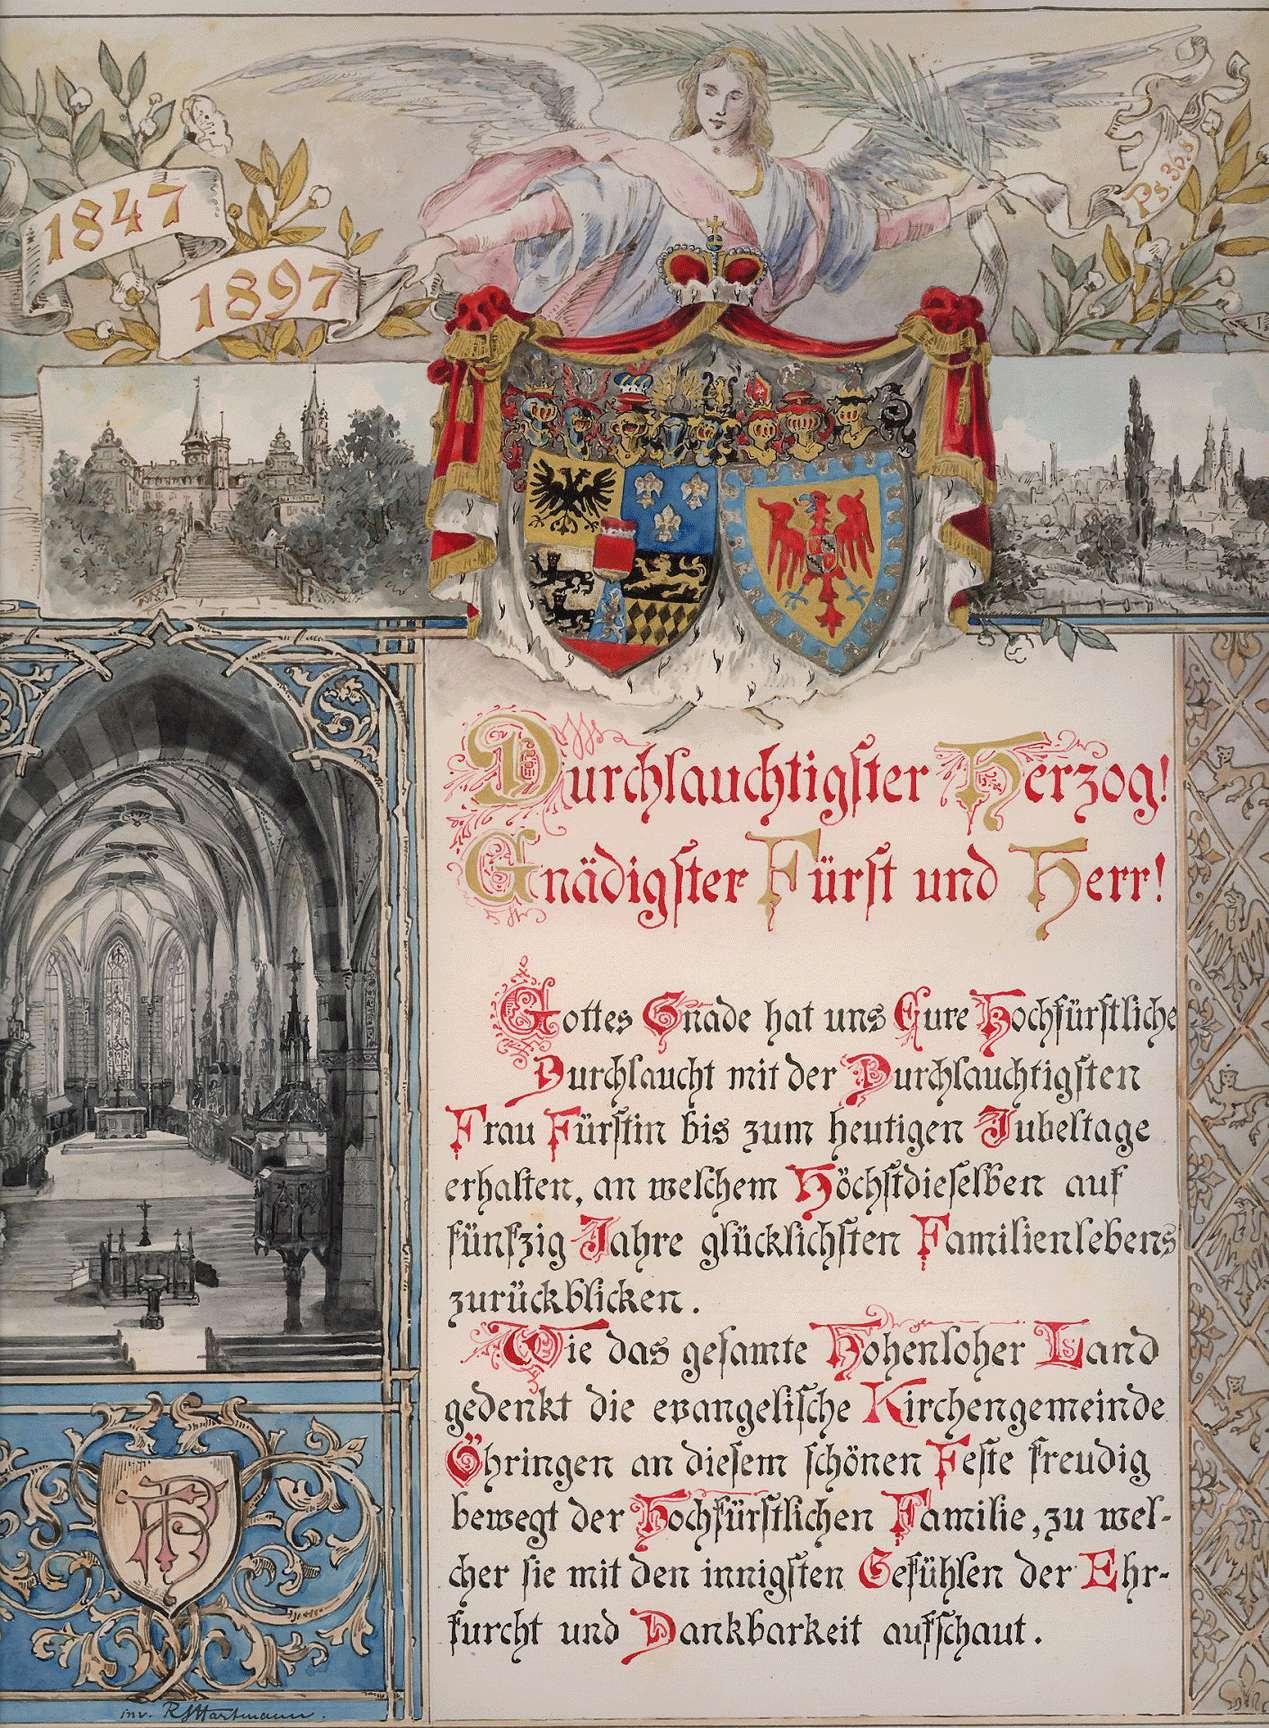 Glückwunschadresse zur Goldenen Hochzeit des Fürsten Hugo zu Hohenlohe-Oehringen, Herzog von Ujest, und seiner Gemahlin Pauline, geb. Fürstenberg, vom evangelischen Kirchengemeinderat Öhringen., Bild 1